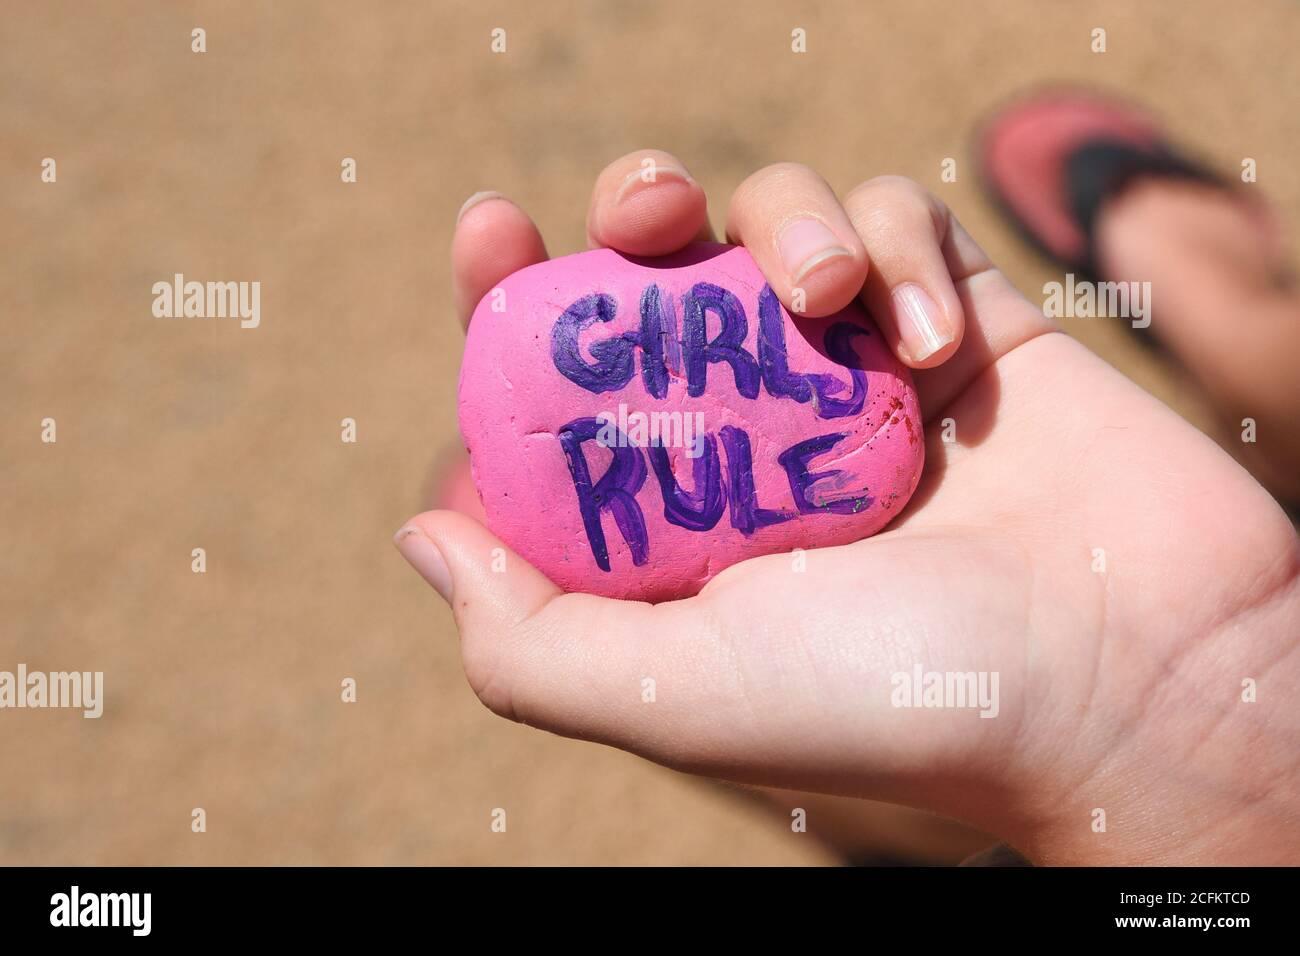 Un enfant tient un rocher rose peint qui dit que les filles règle en lettres pourpres pour un concept de pouvoir de fille d'estime de soi. Banque D'Images